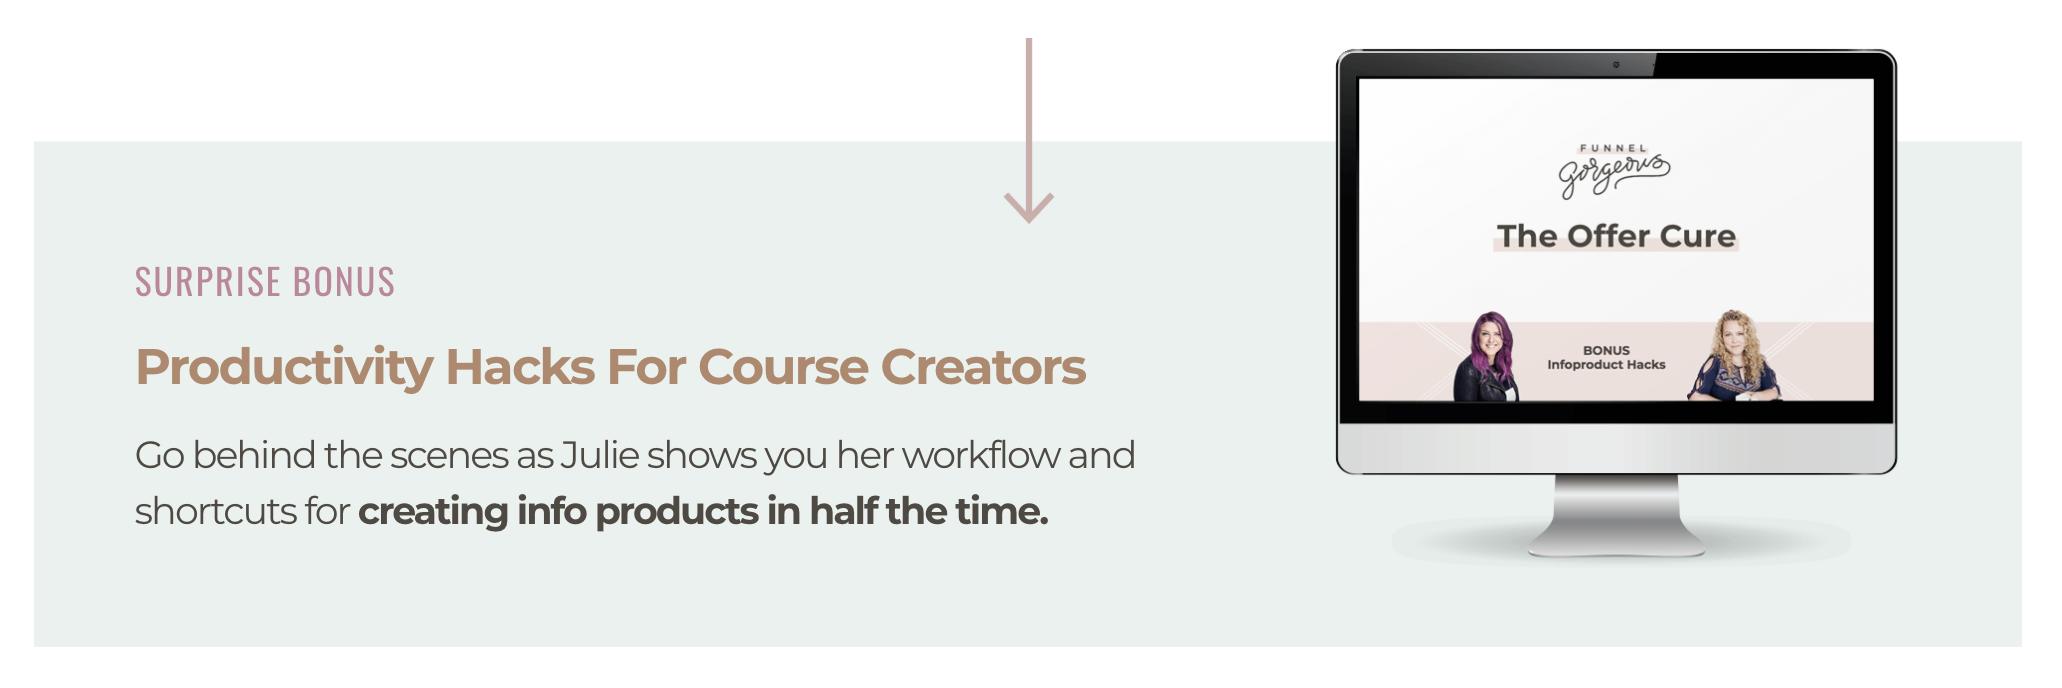 Surprise bonus: Productivity Hacks for Course Creators